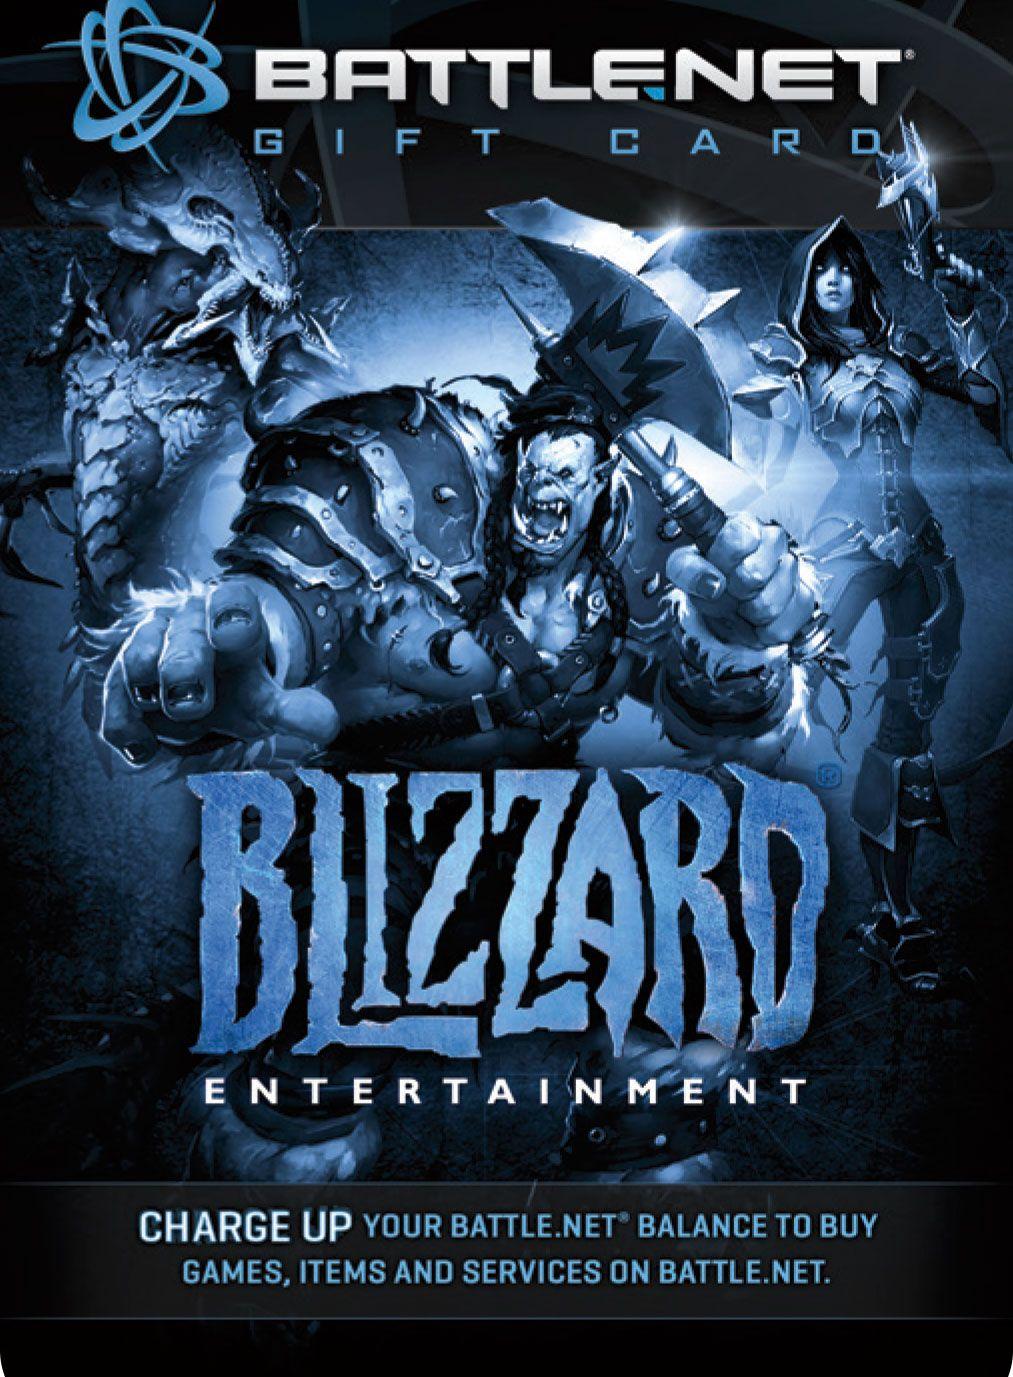 $20 Battle net Store Gift Card Balance - Blizzard